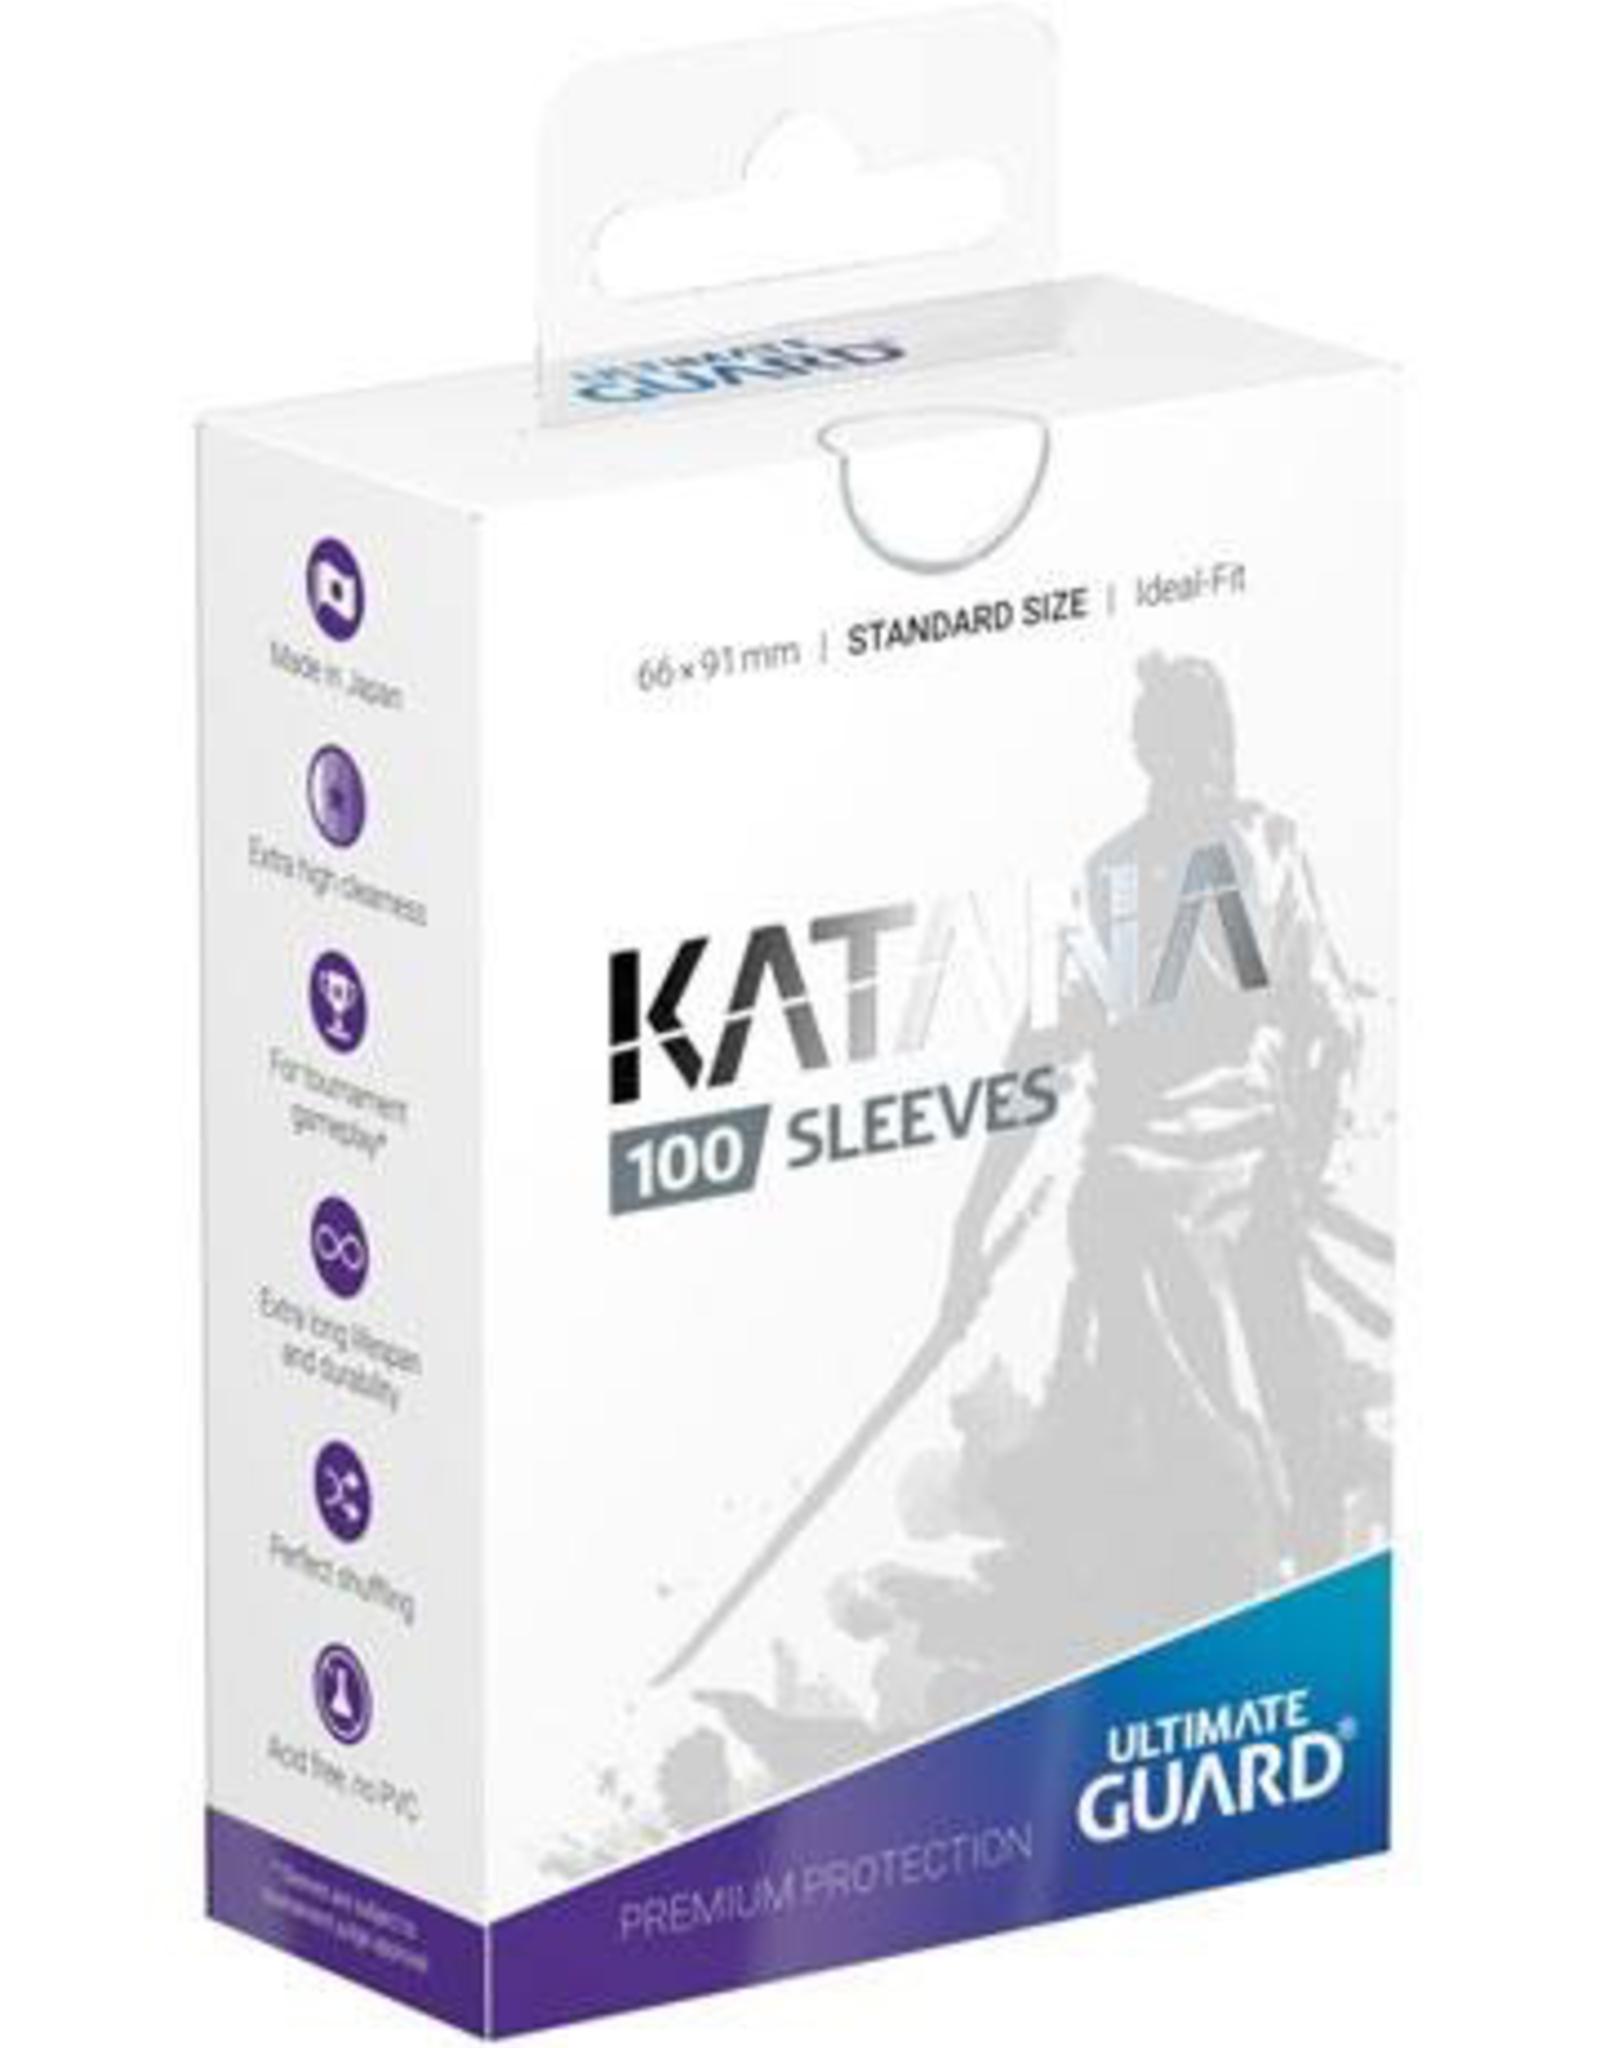 UG - Standard Sleeves Ultimate Guard Katana Sleeves Standardgröße Weiss (100)